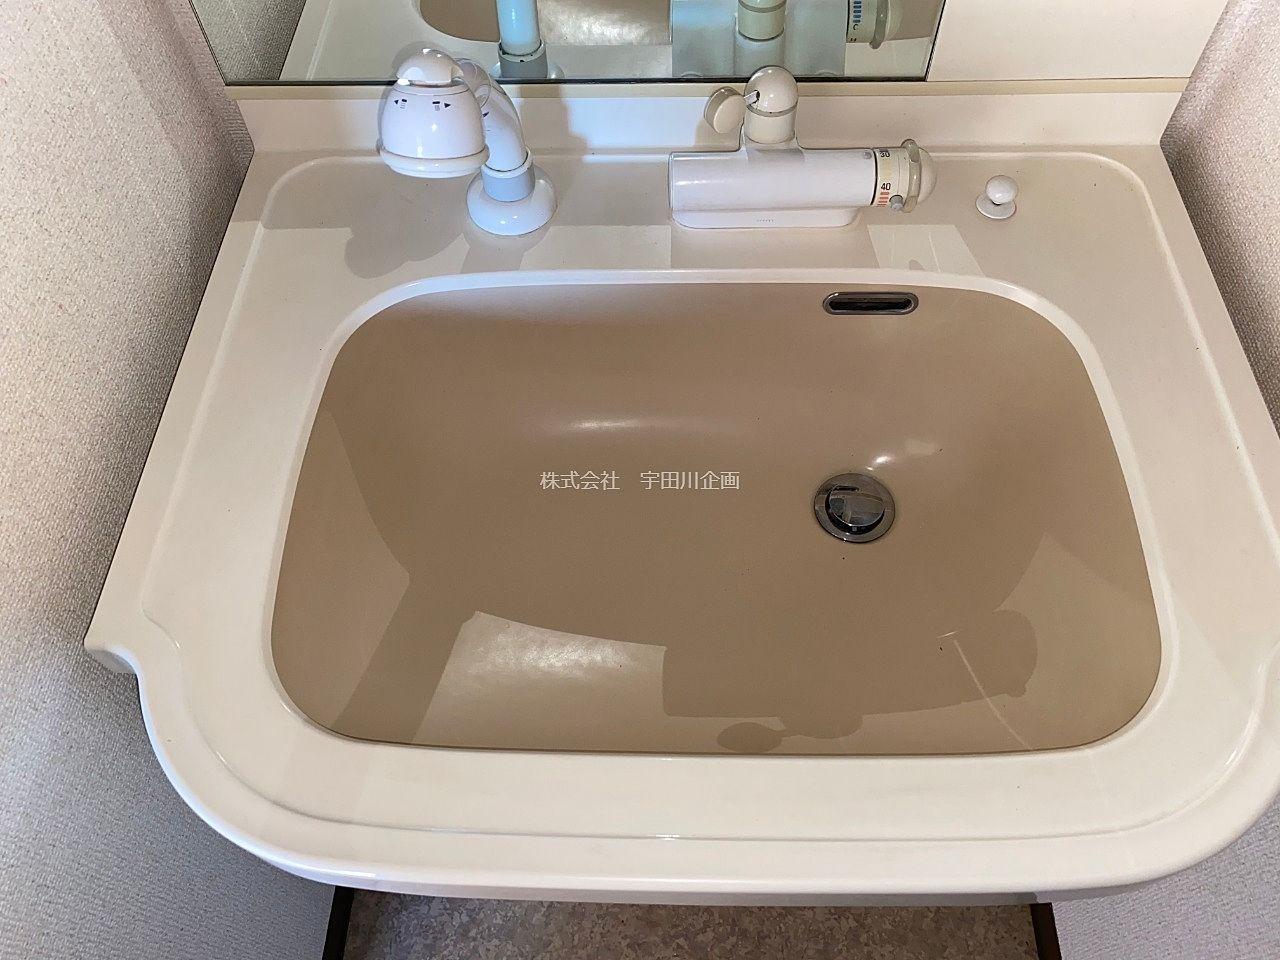 シャンプードレッサー付の洗面台